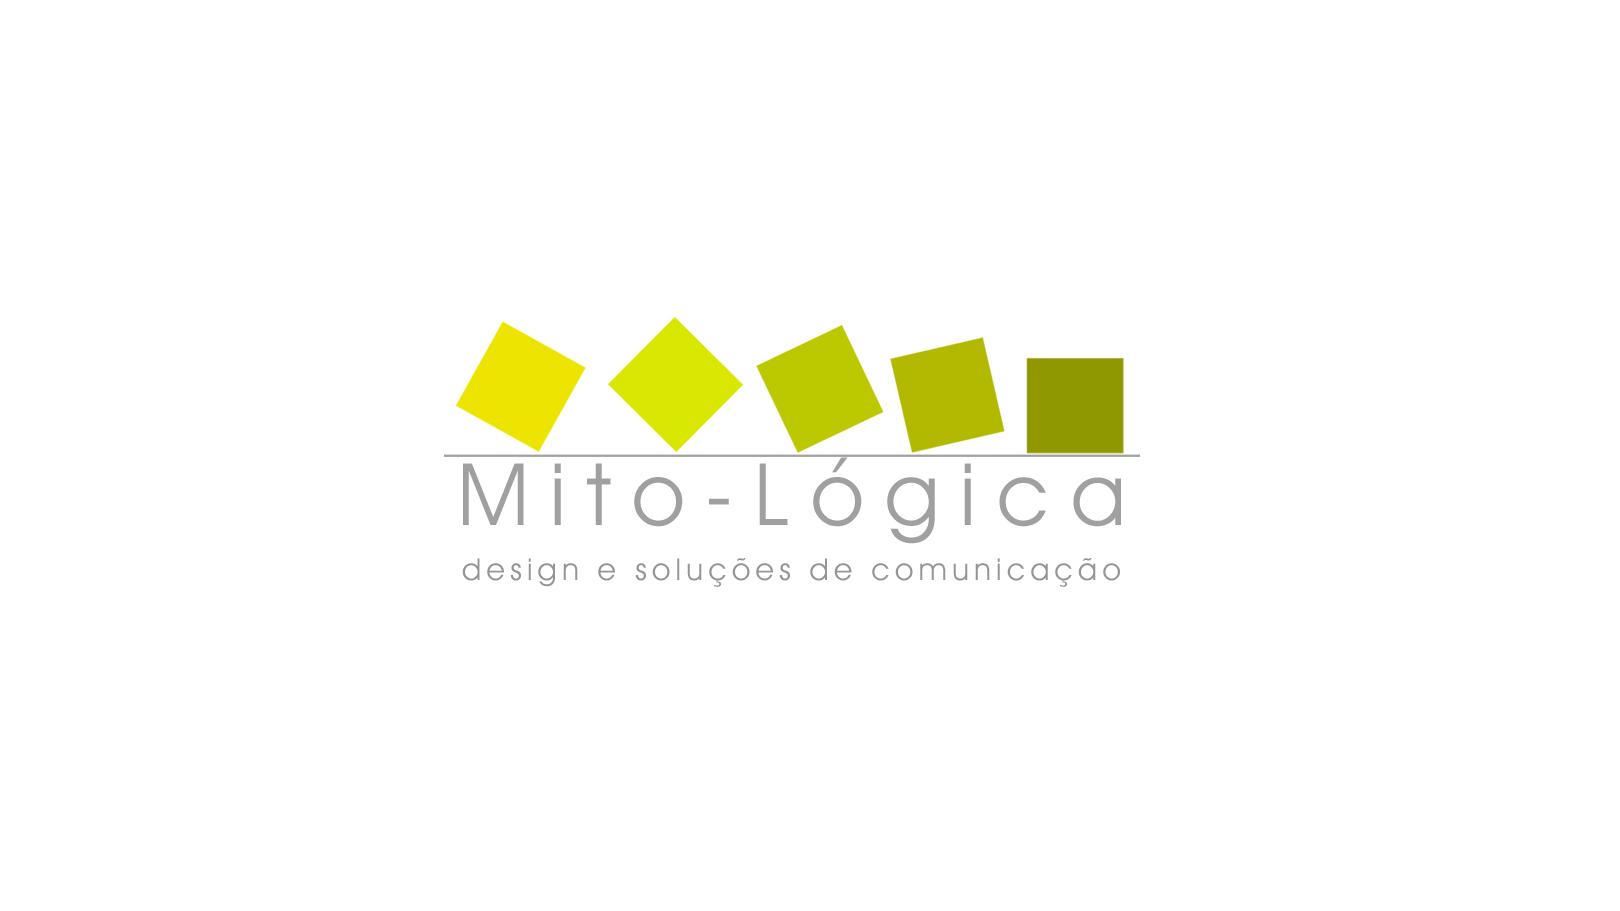 Apresentação Inez Oliveira logo 2016 39